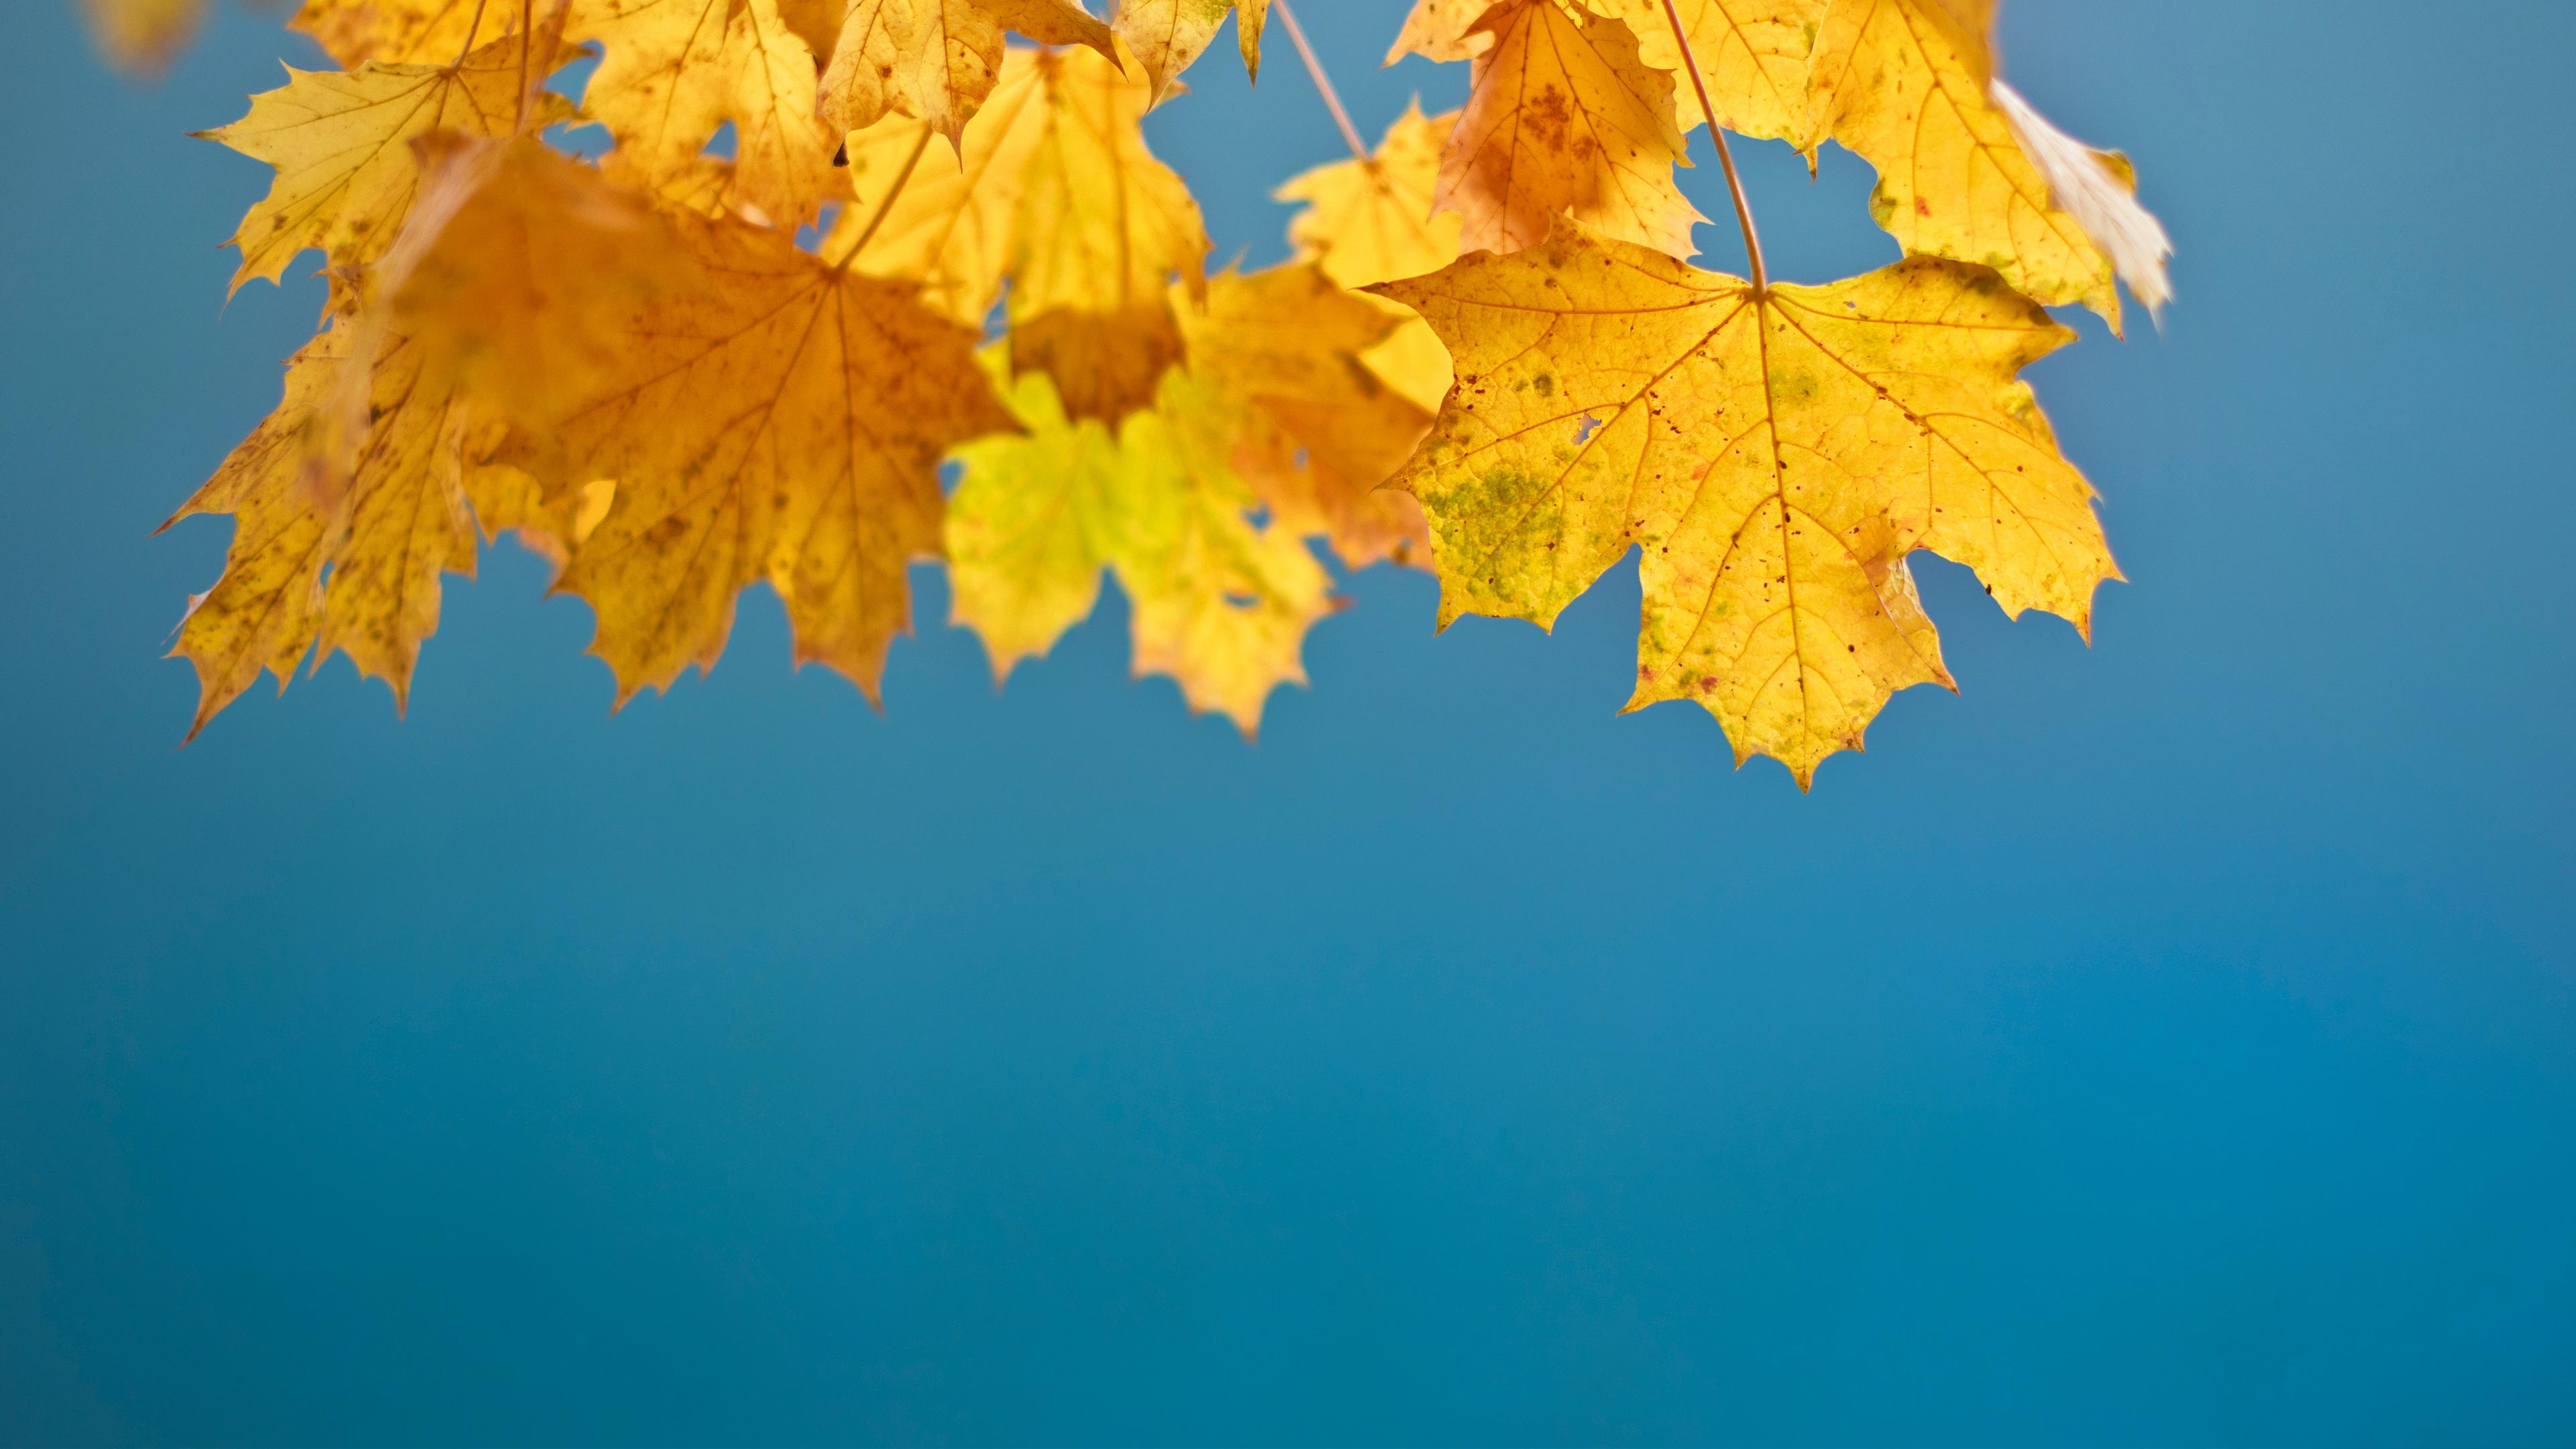 Wallpaper 4k Autumn Leaves 4k Autumn Leaves Lighthouse